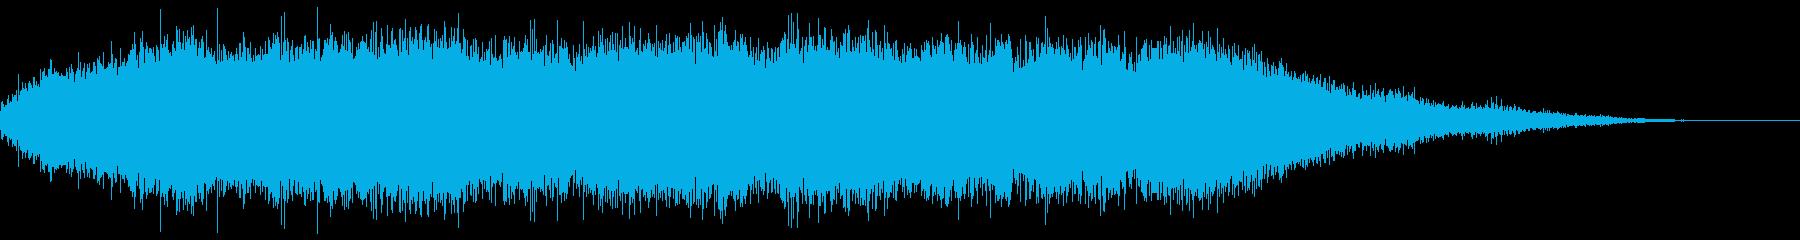 電動サンダー:高音域の安定したモーター。の再生済みの波形